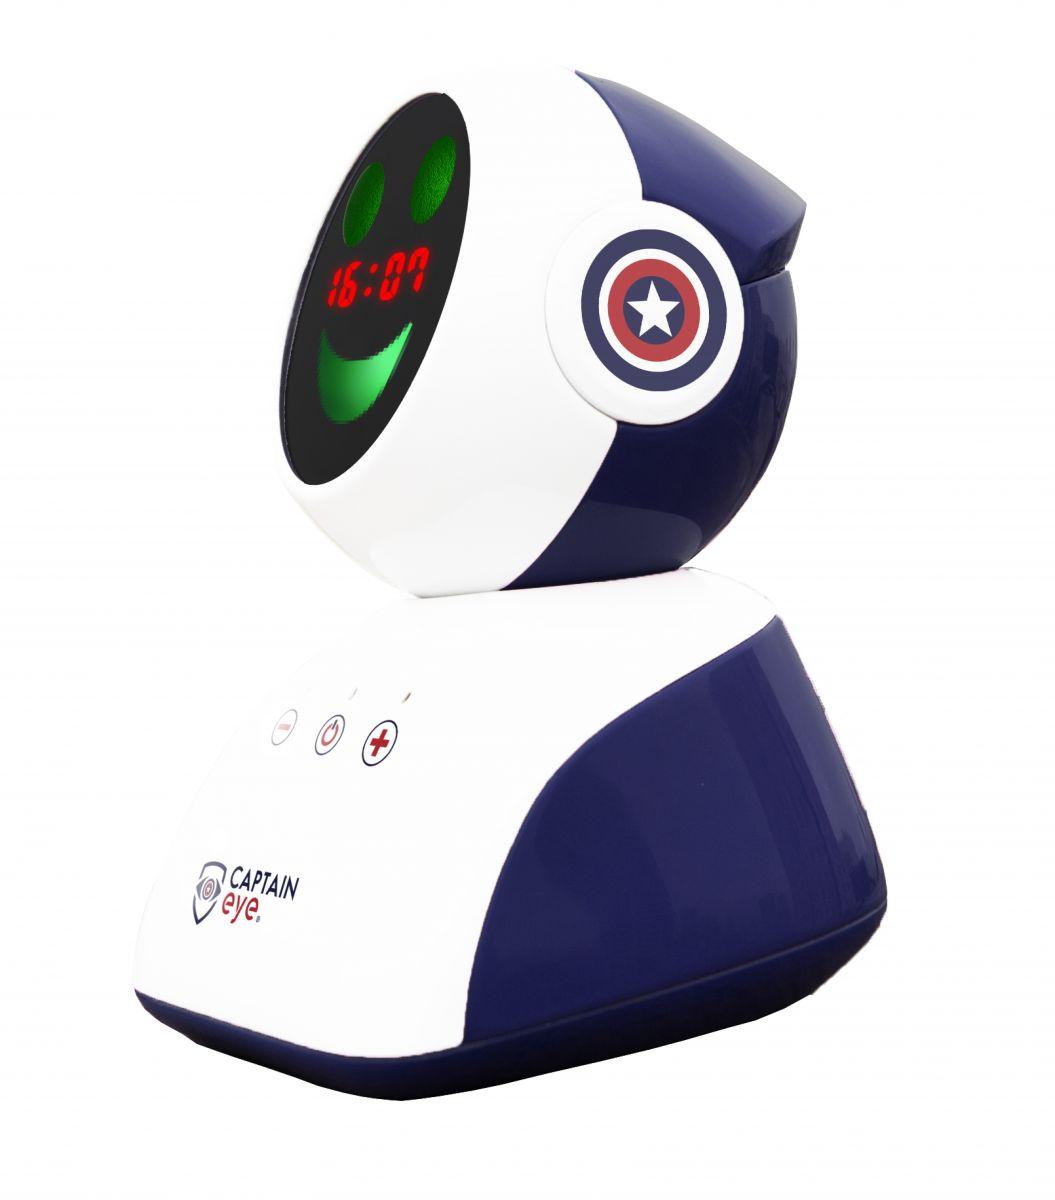 Captain Eye - Robot chống cận thị, gù lưng và hỗ trợ giám sát học tập trẻ em Plus